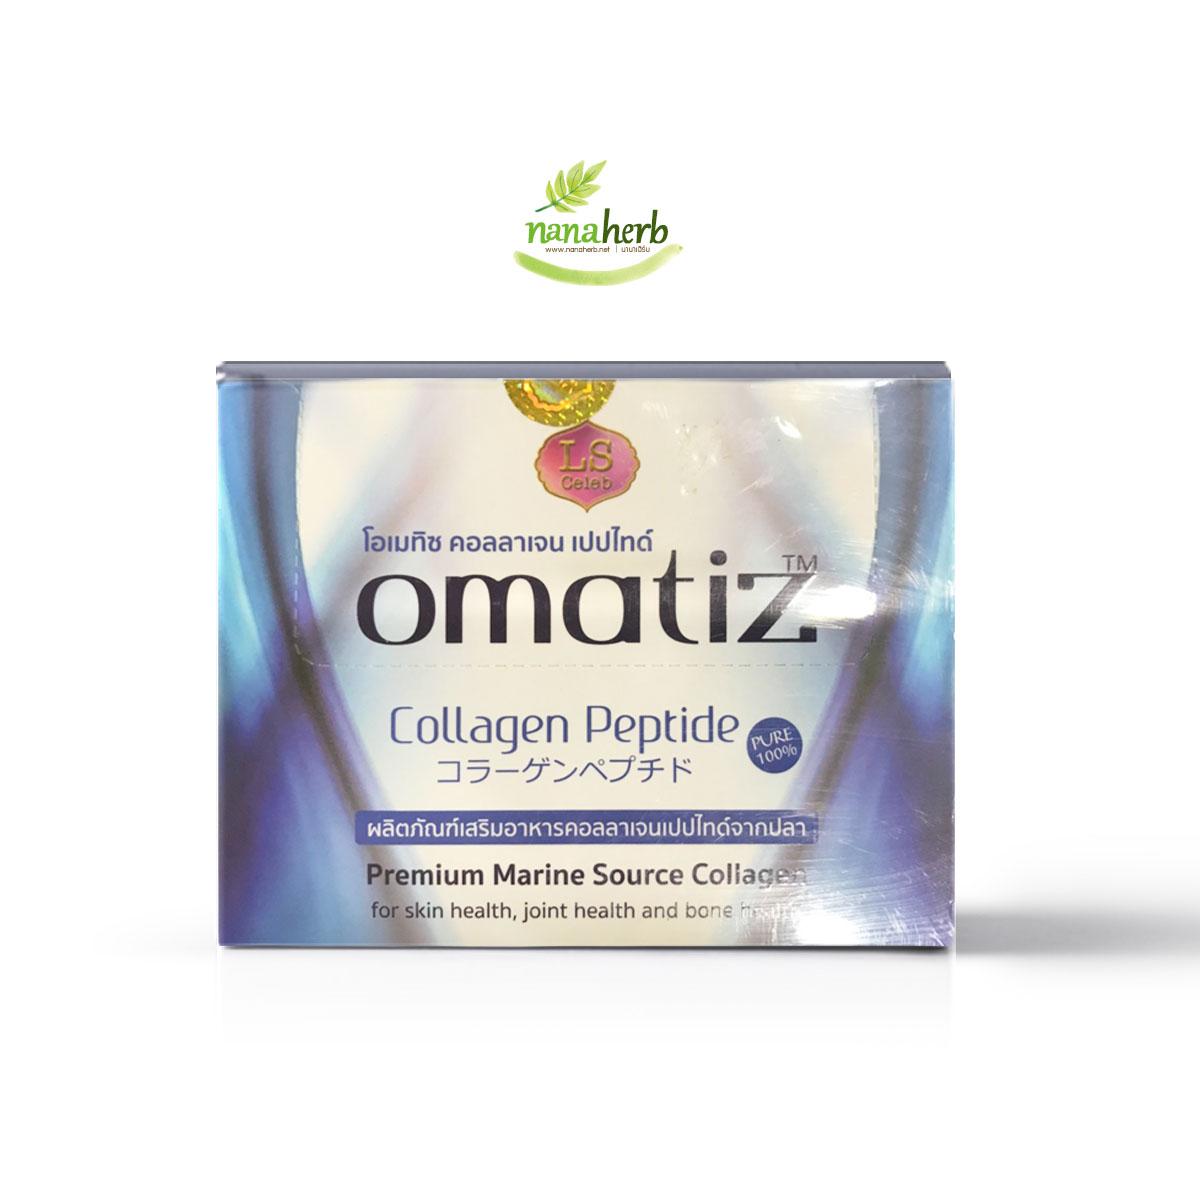 Omatiz Collagen Peptide (โอเมทิซ คอลลาเจน เปปไทด์)